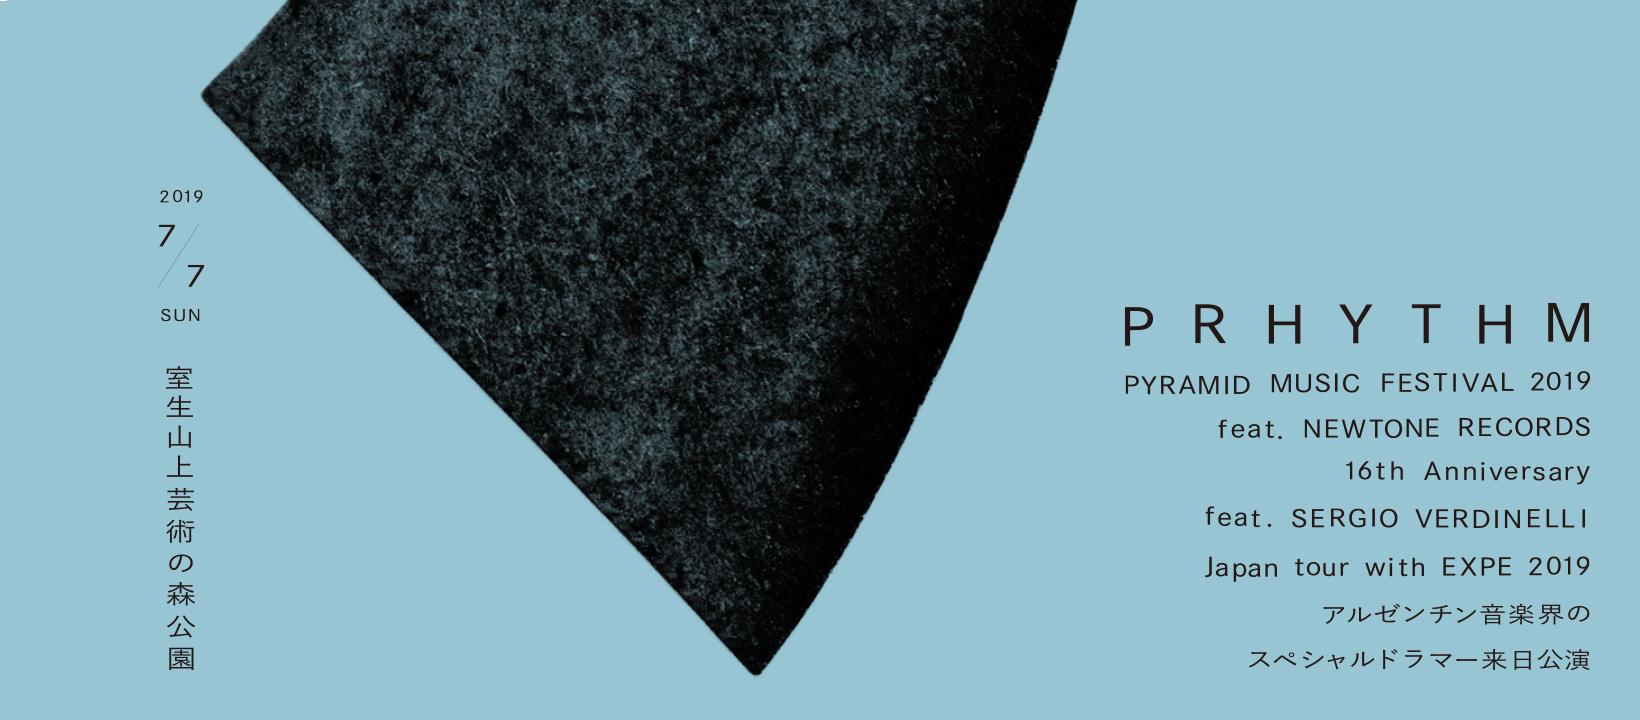 PRHYTHM PYRAMID MUSIC FESTIVAL2019